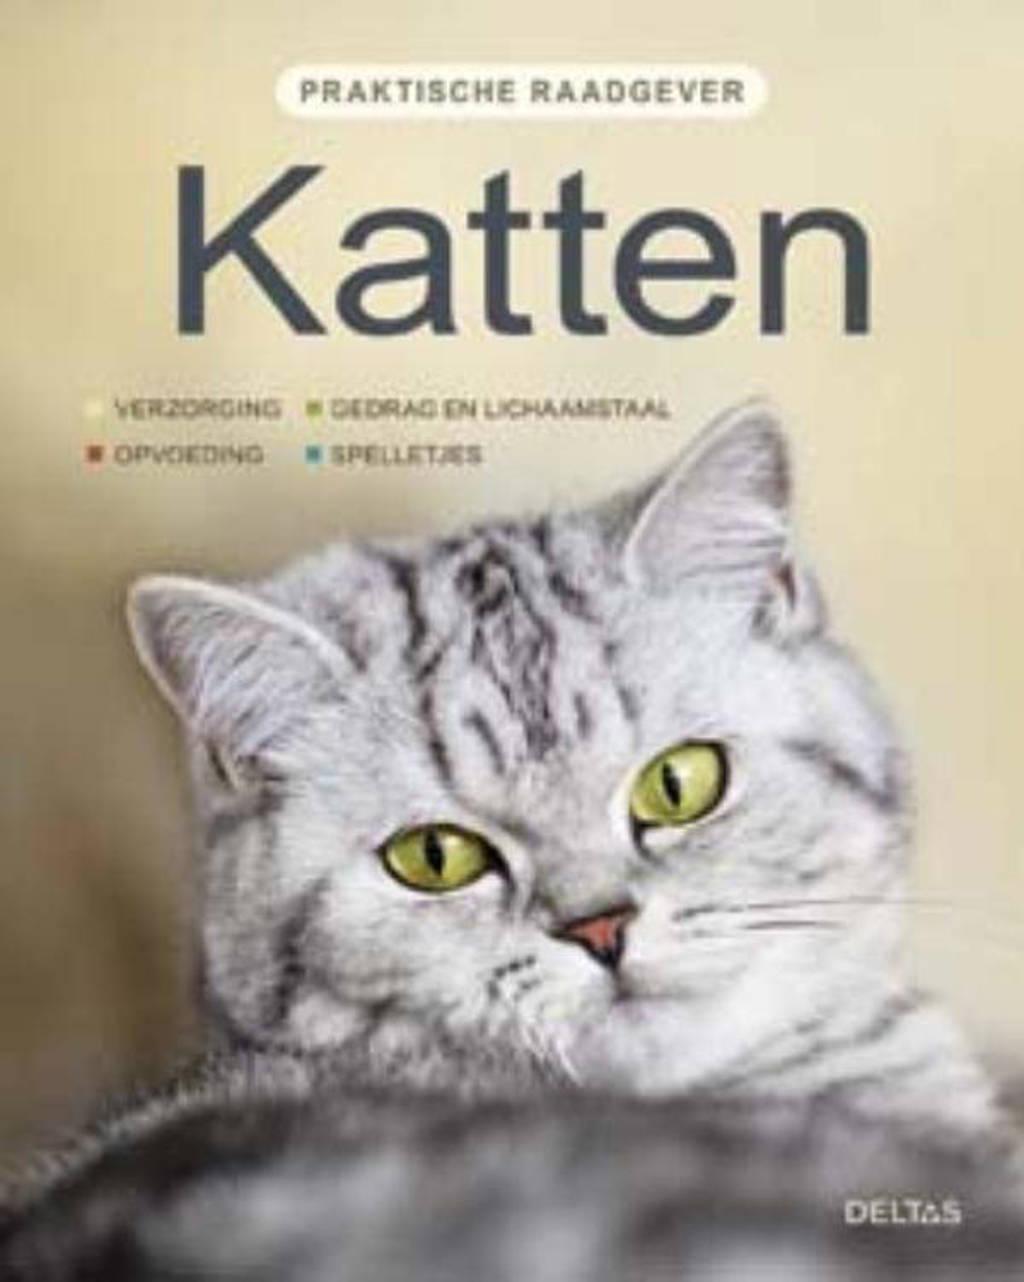 Praktische raadgever: Katten - Hannelore Grimm